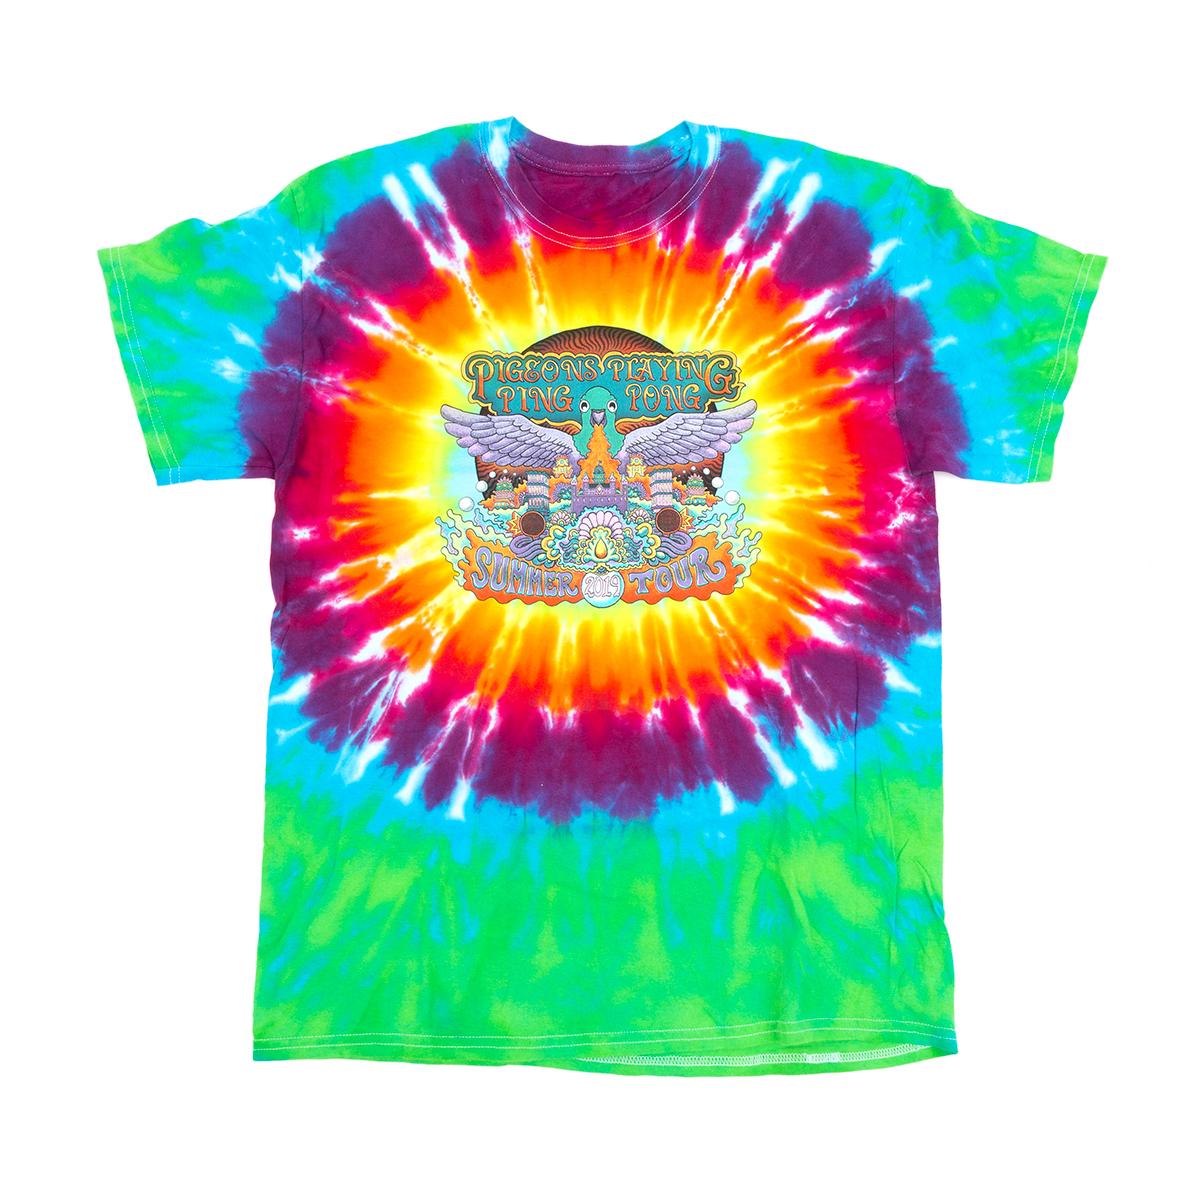 2019 Tie-dye Tour T-shirt